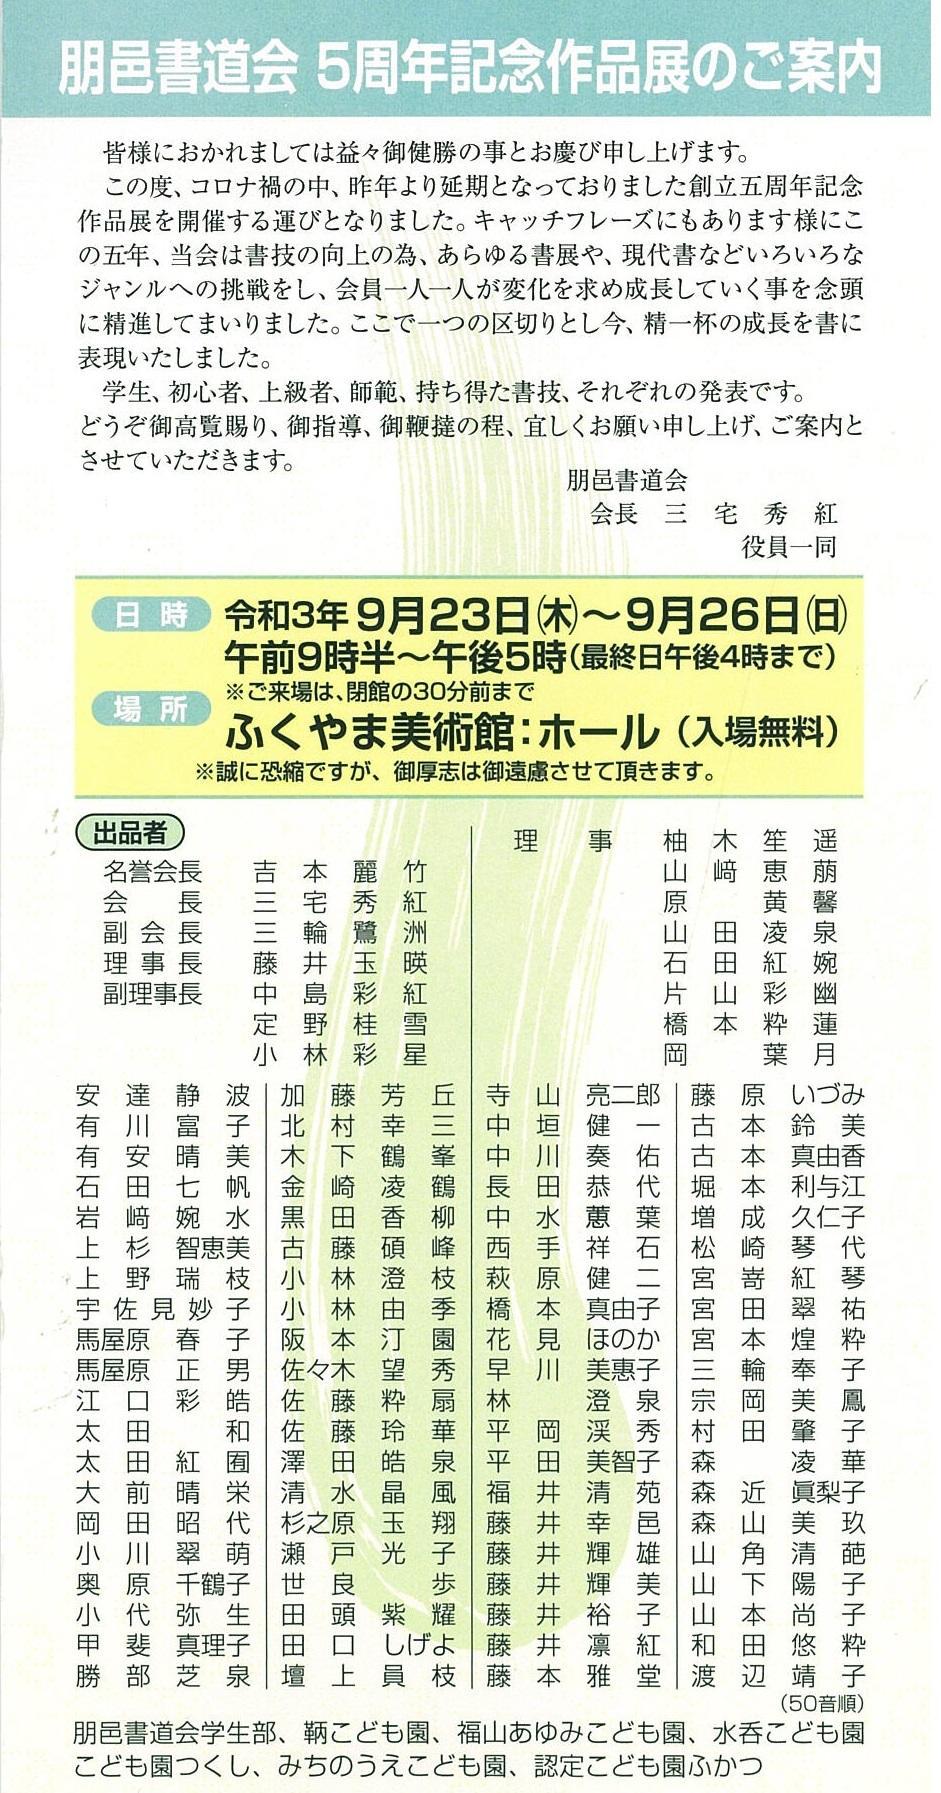 20210830_tenji_01.jpg